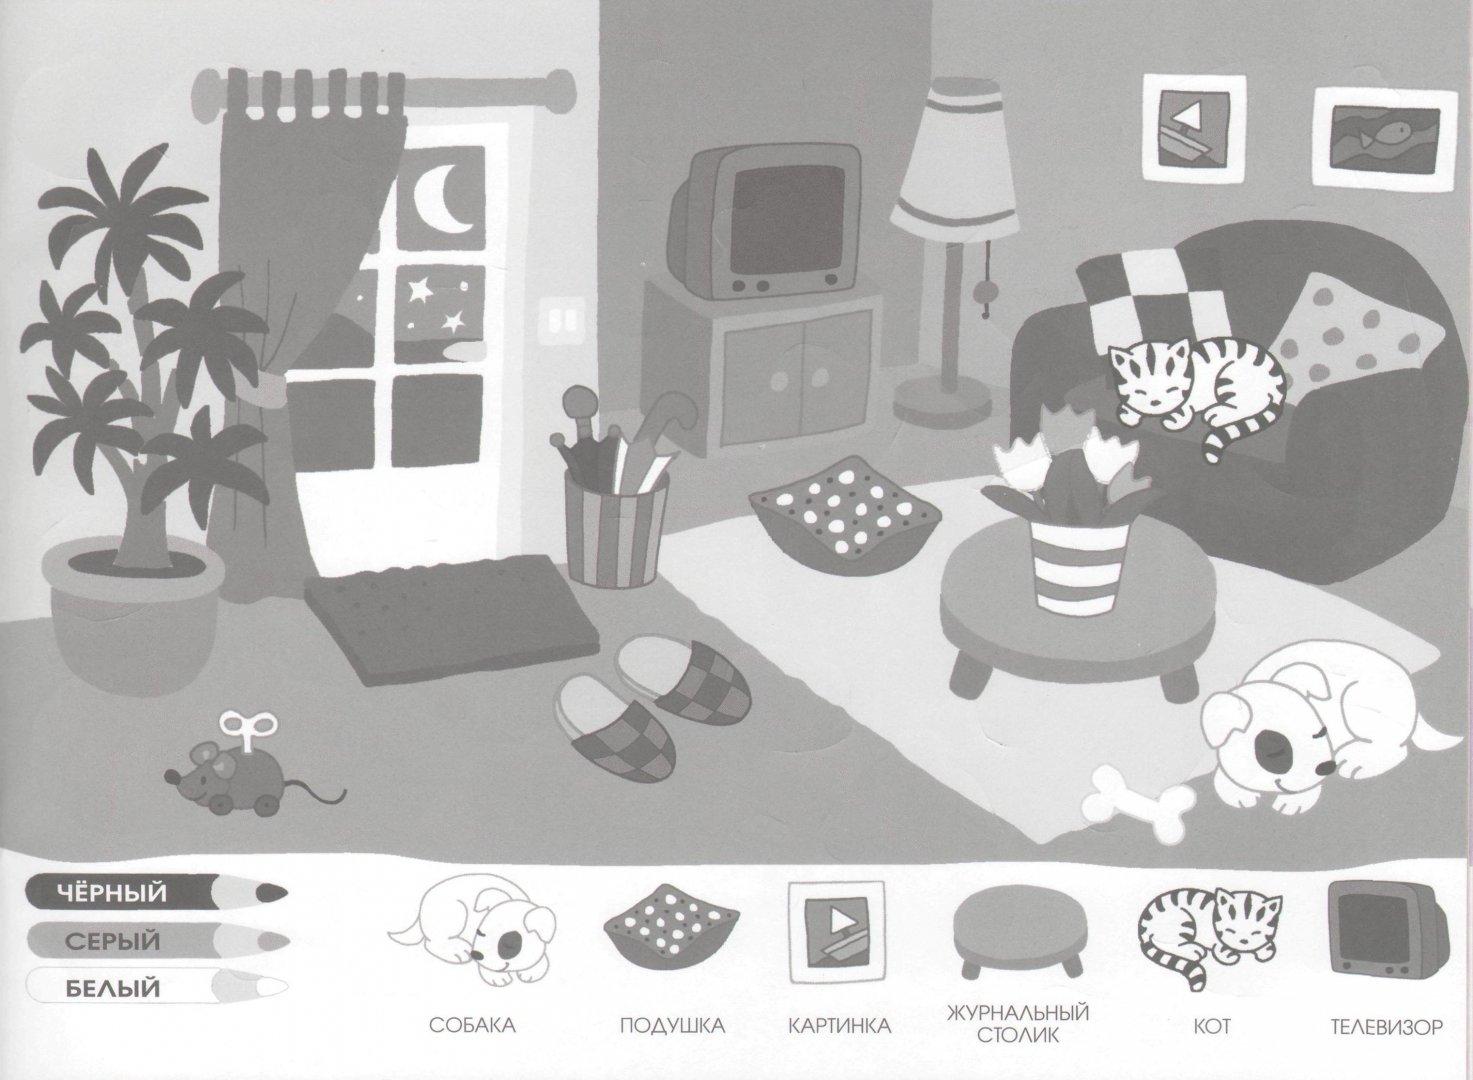 Иллюстрация 1 из 9 для Играем с наклейками: Цвета | Лабиринт - книги. Источник: Лабиринт